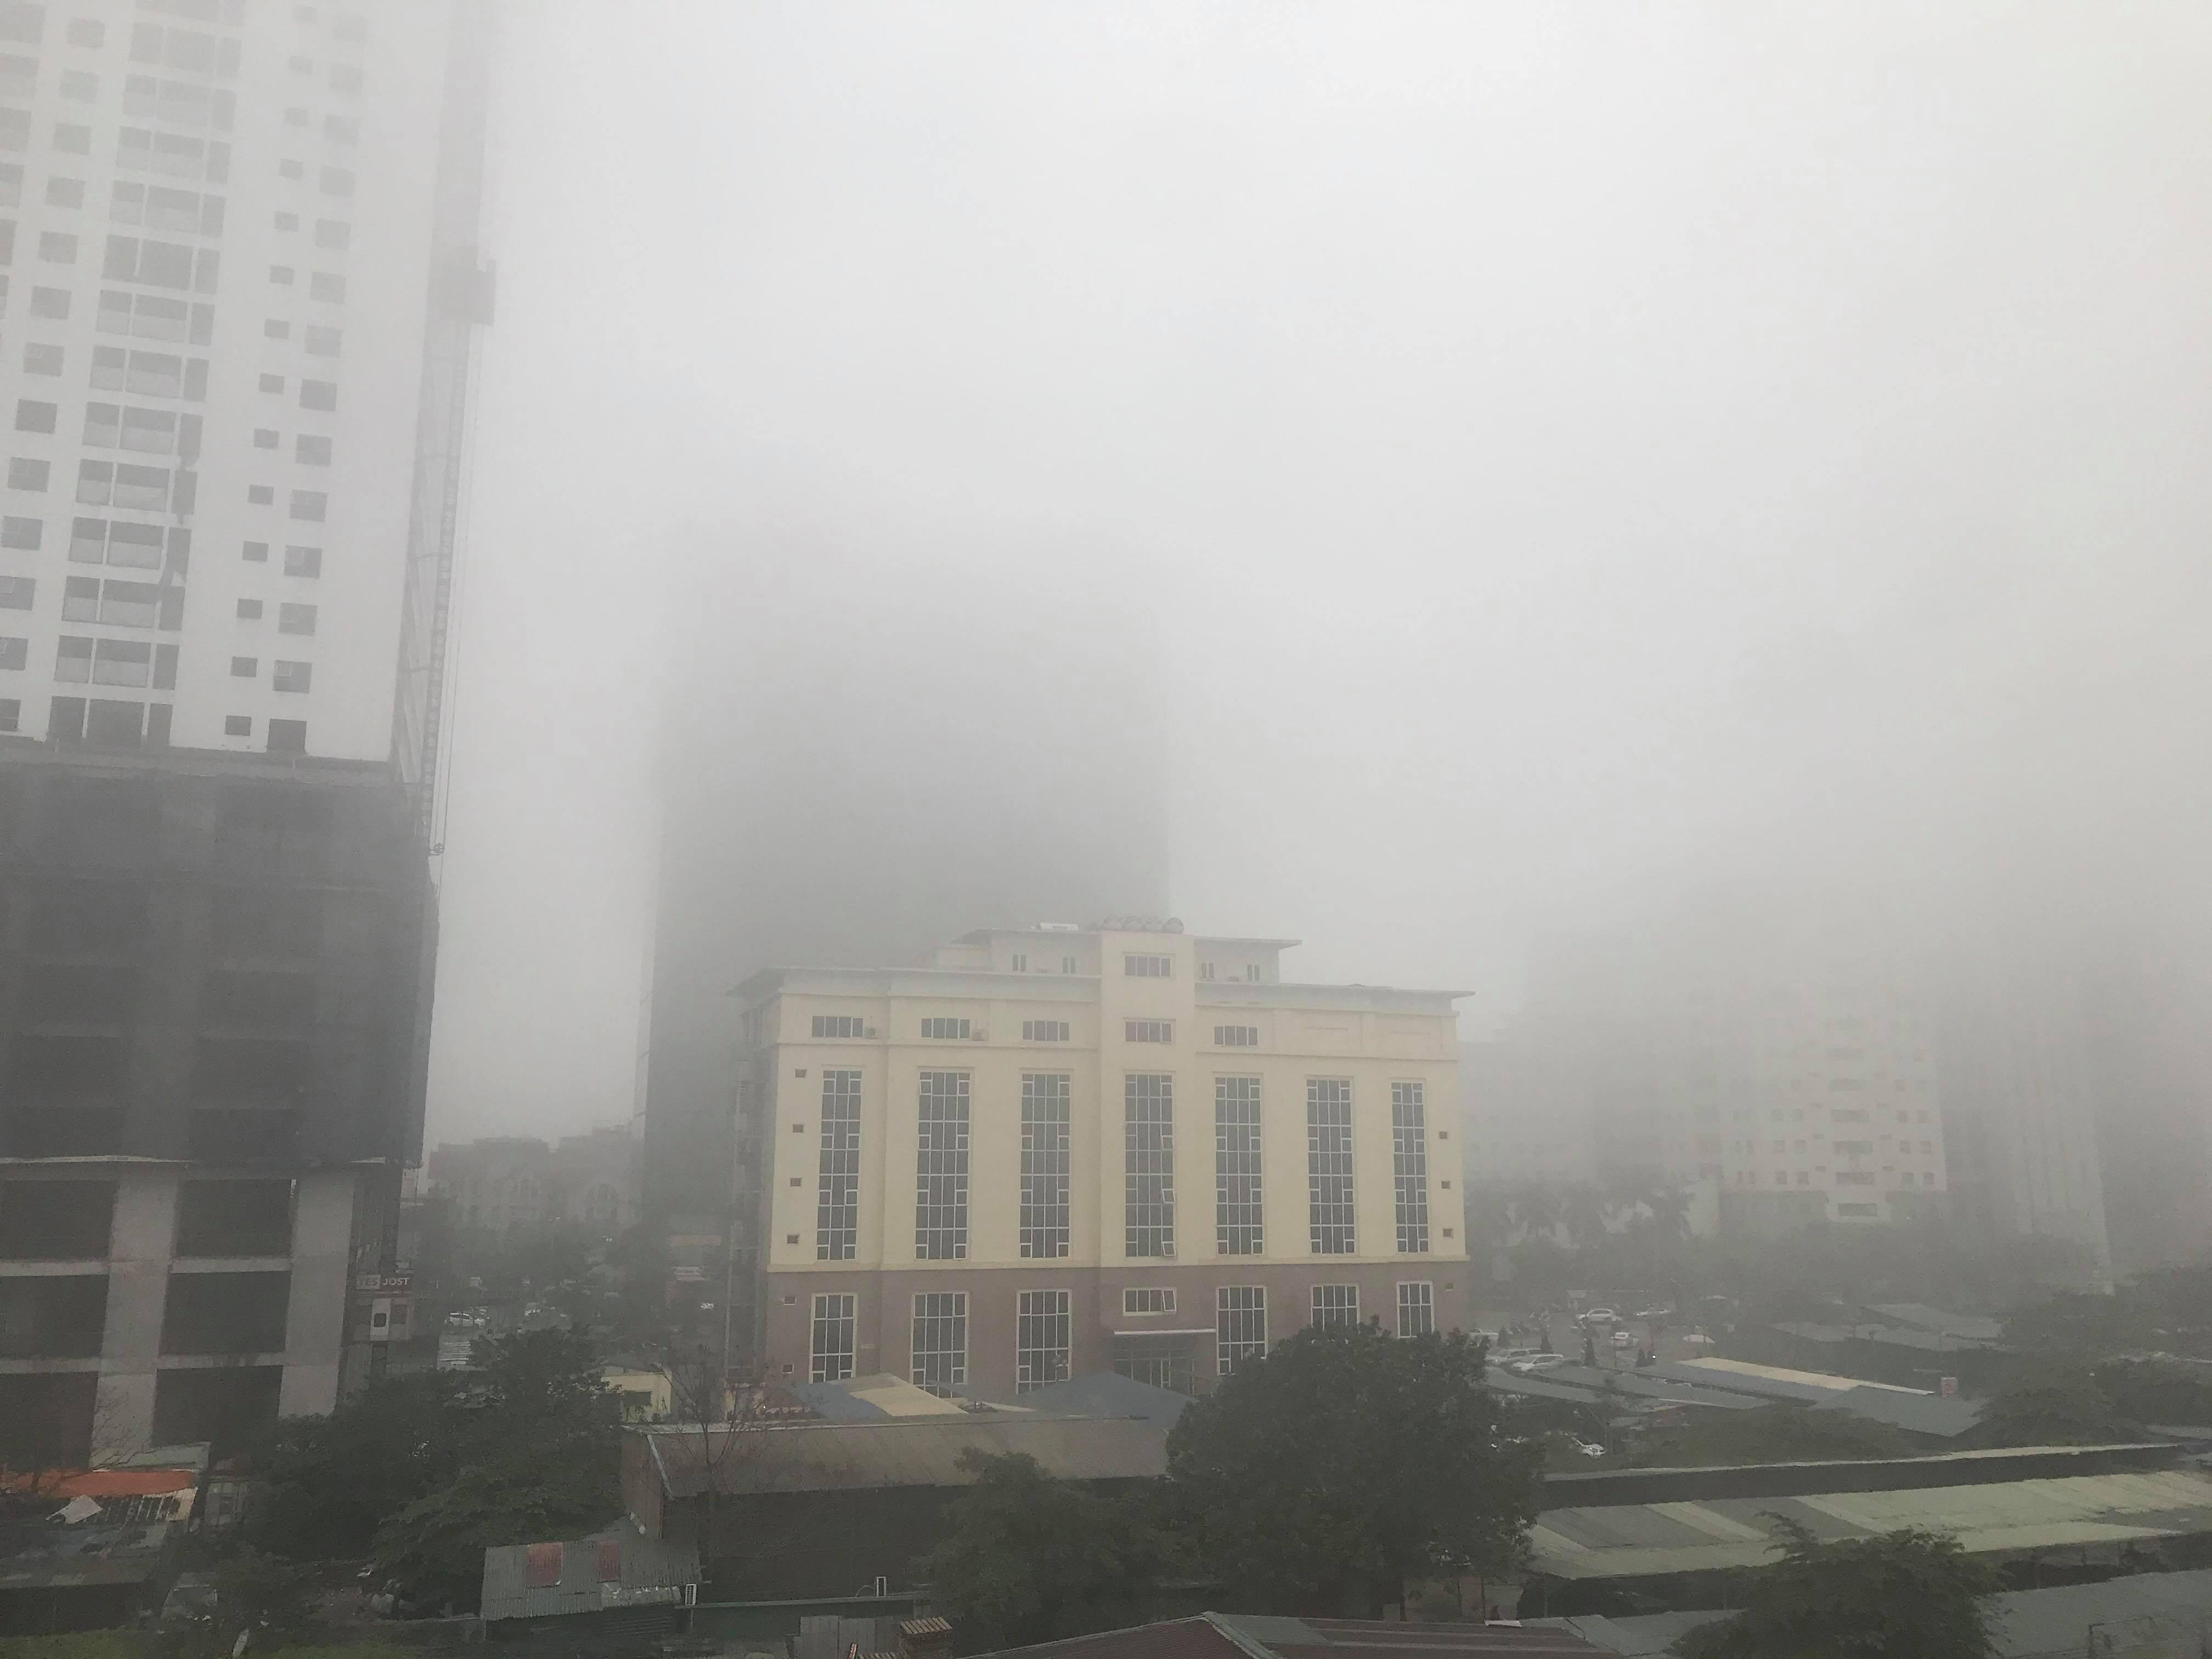 Tin tức dự báo thời tiết mới nhất hôm nay 13/2/2020: Hà Nội ấm lên, sáng sớm có sương mù - Ảnh 1